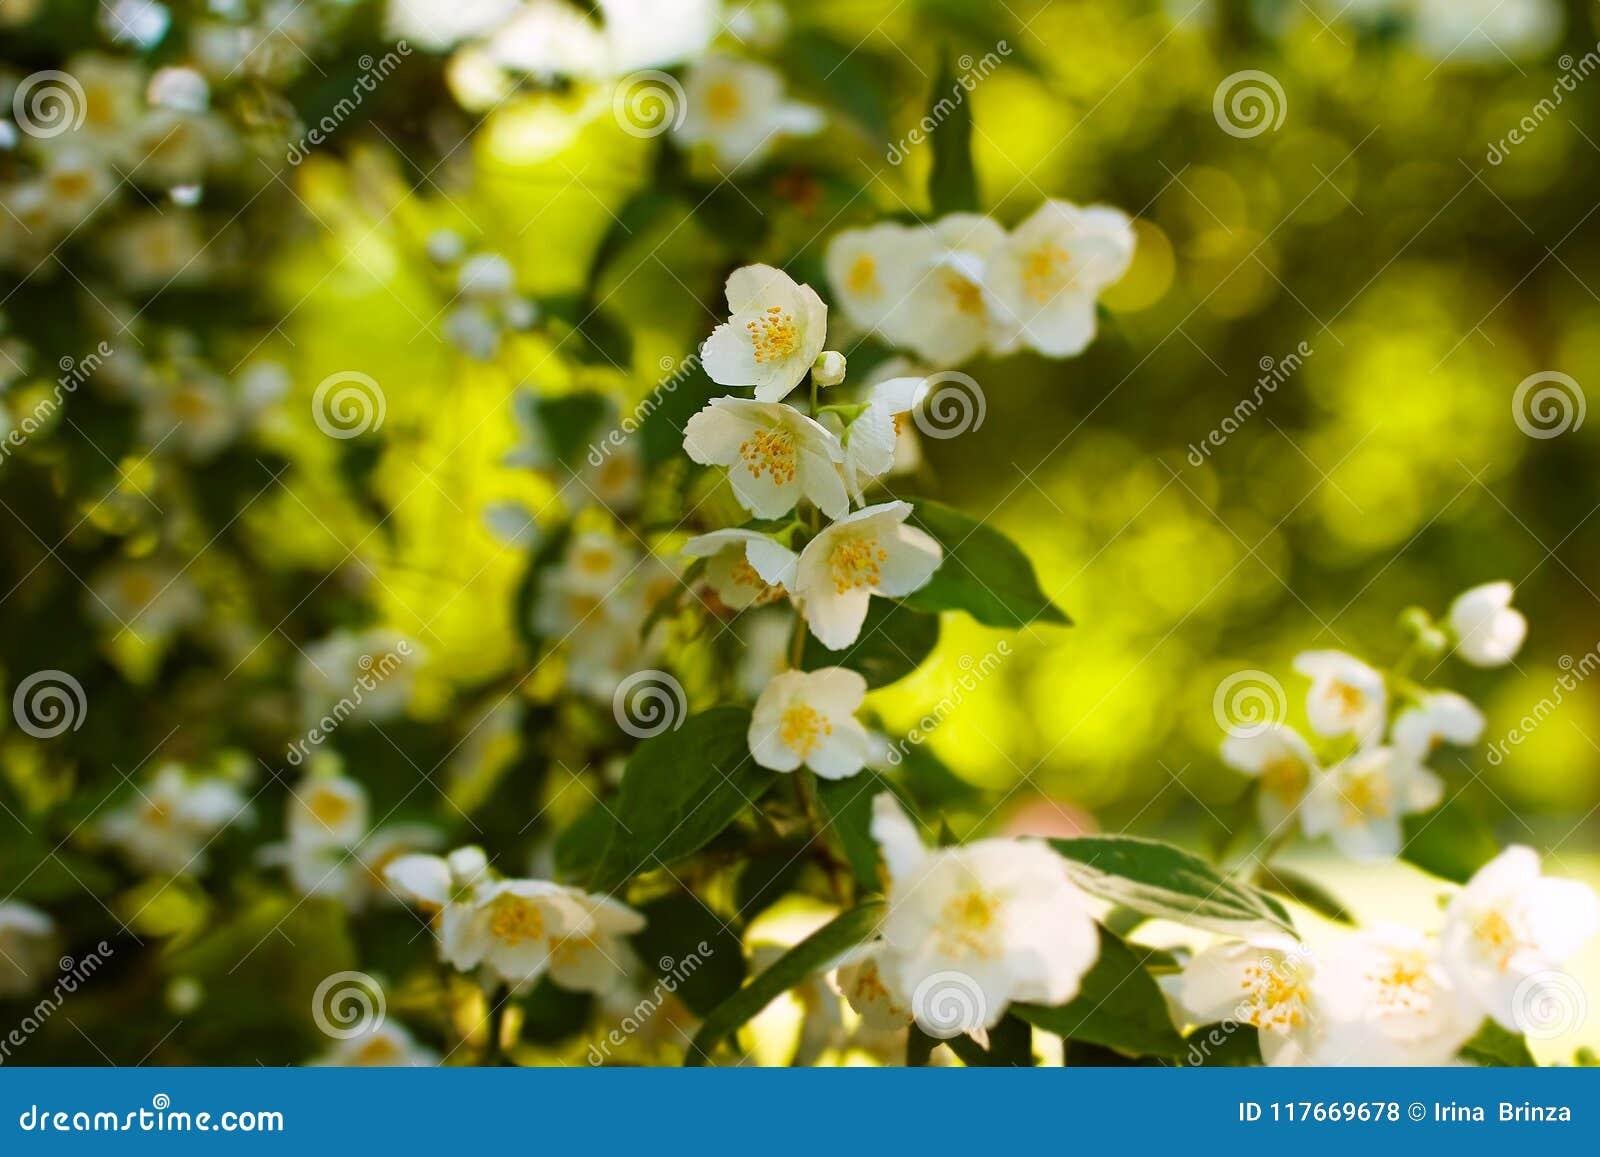 fleurs blanches de jasmin sur la fleur d'arbuste photo stock - image